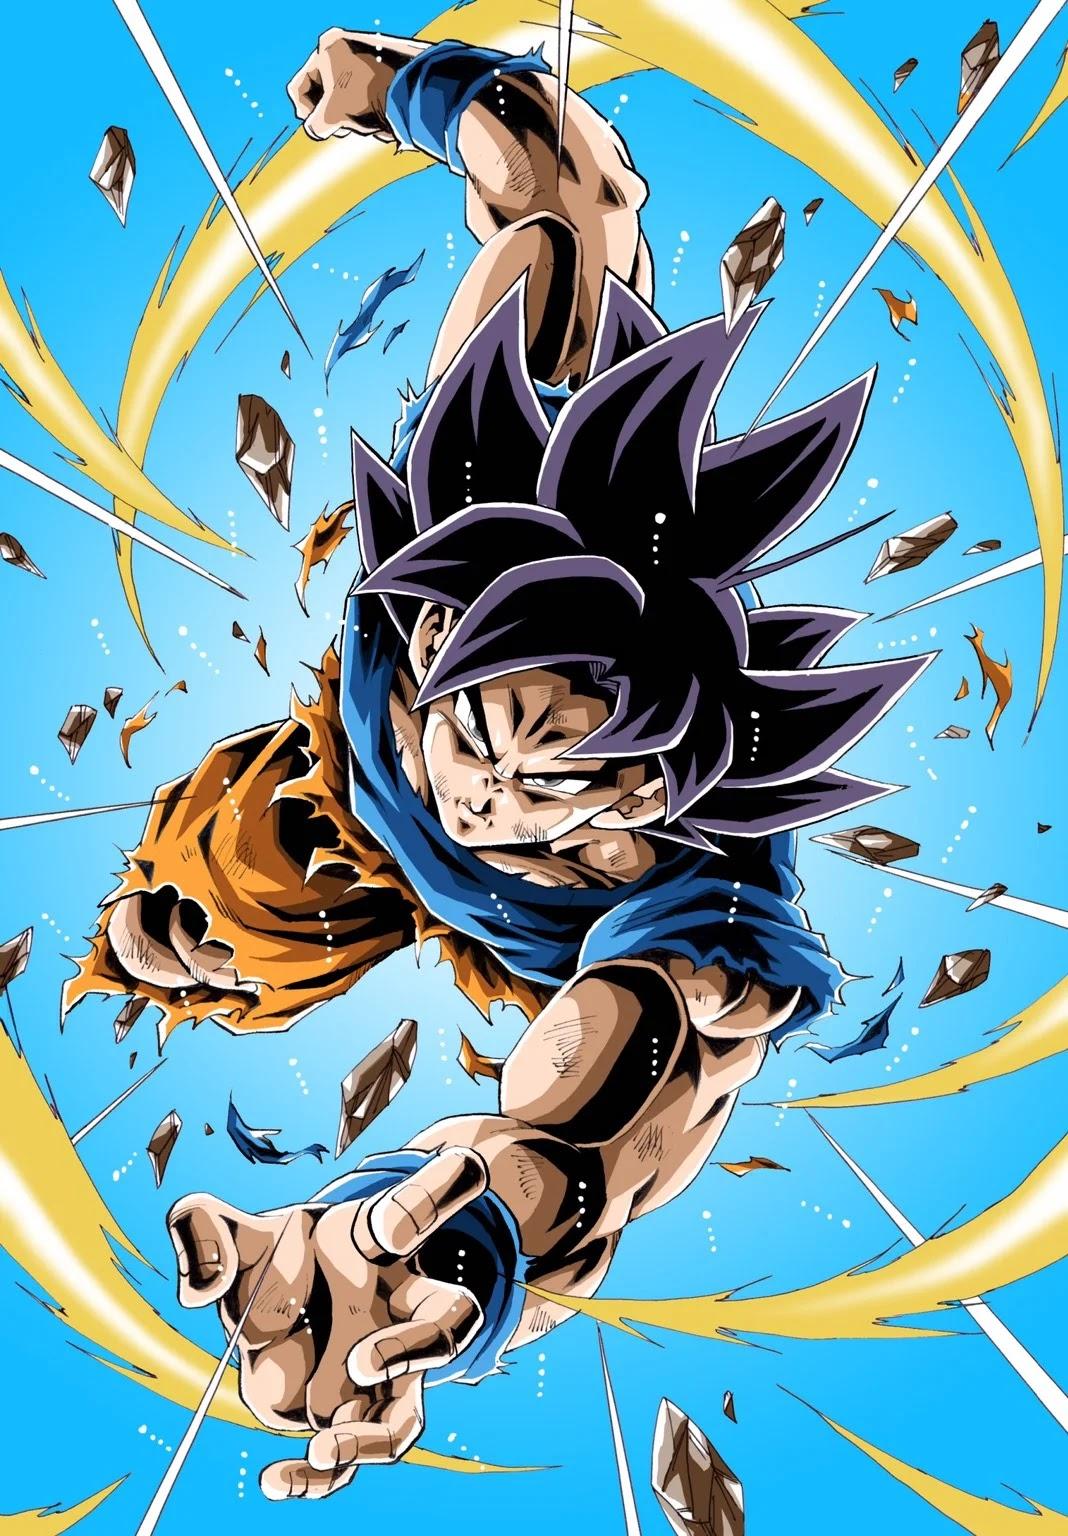 Novas informações sobre o filme Dragon Ball Super: Super Hero serão reveladas em Outubro